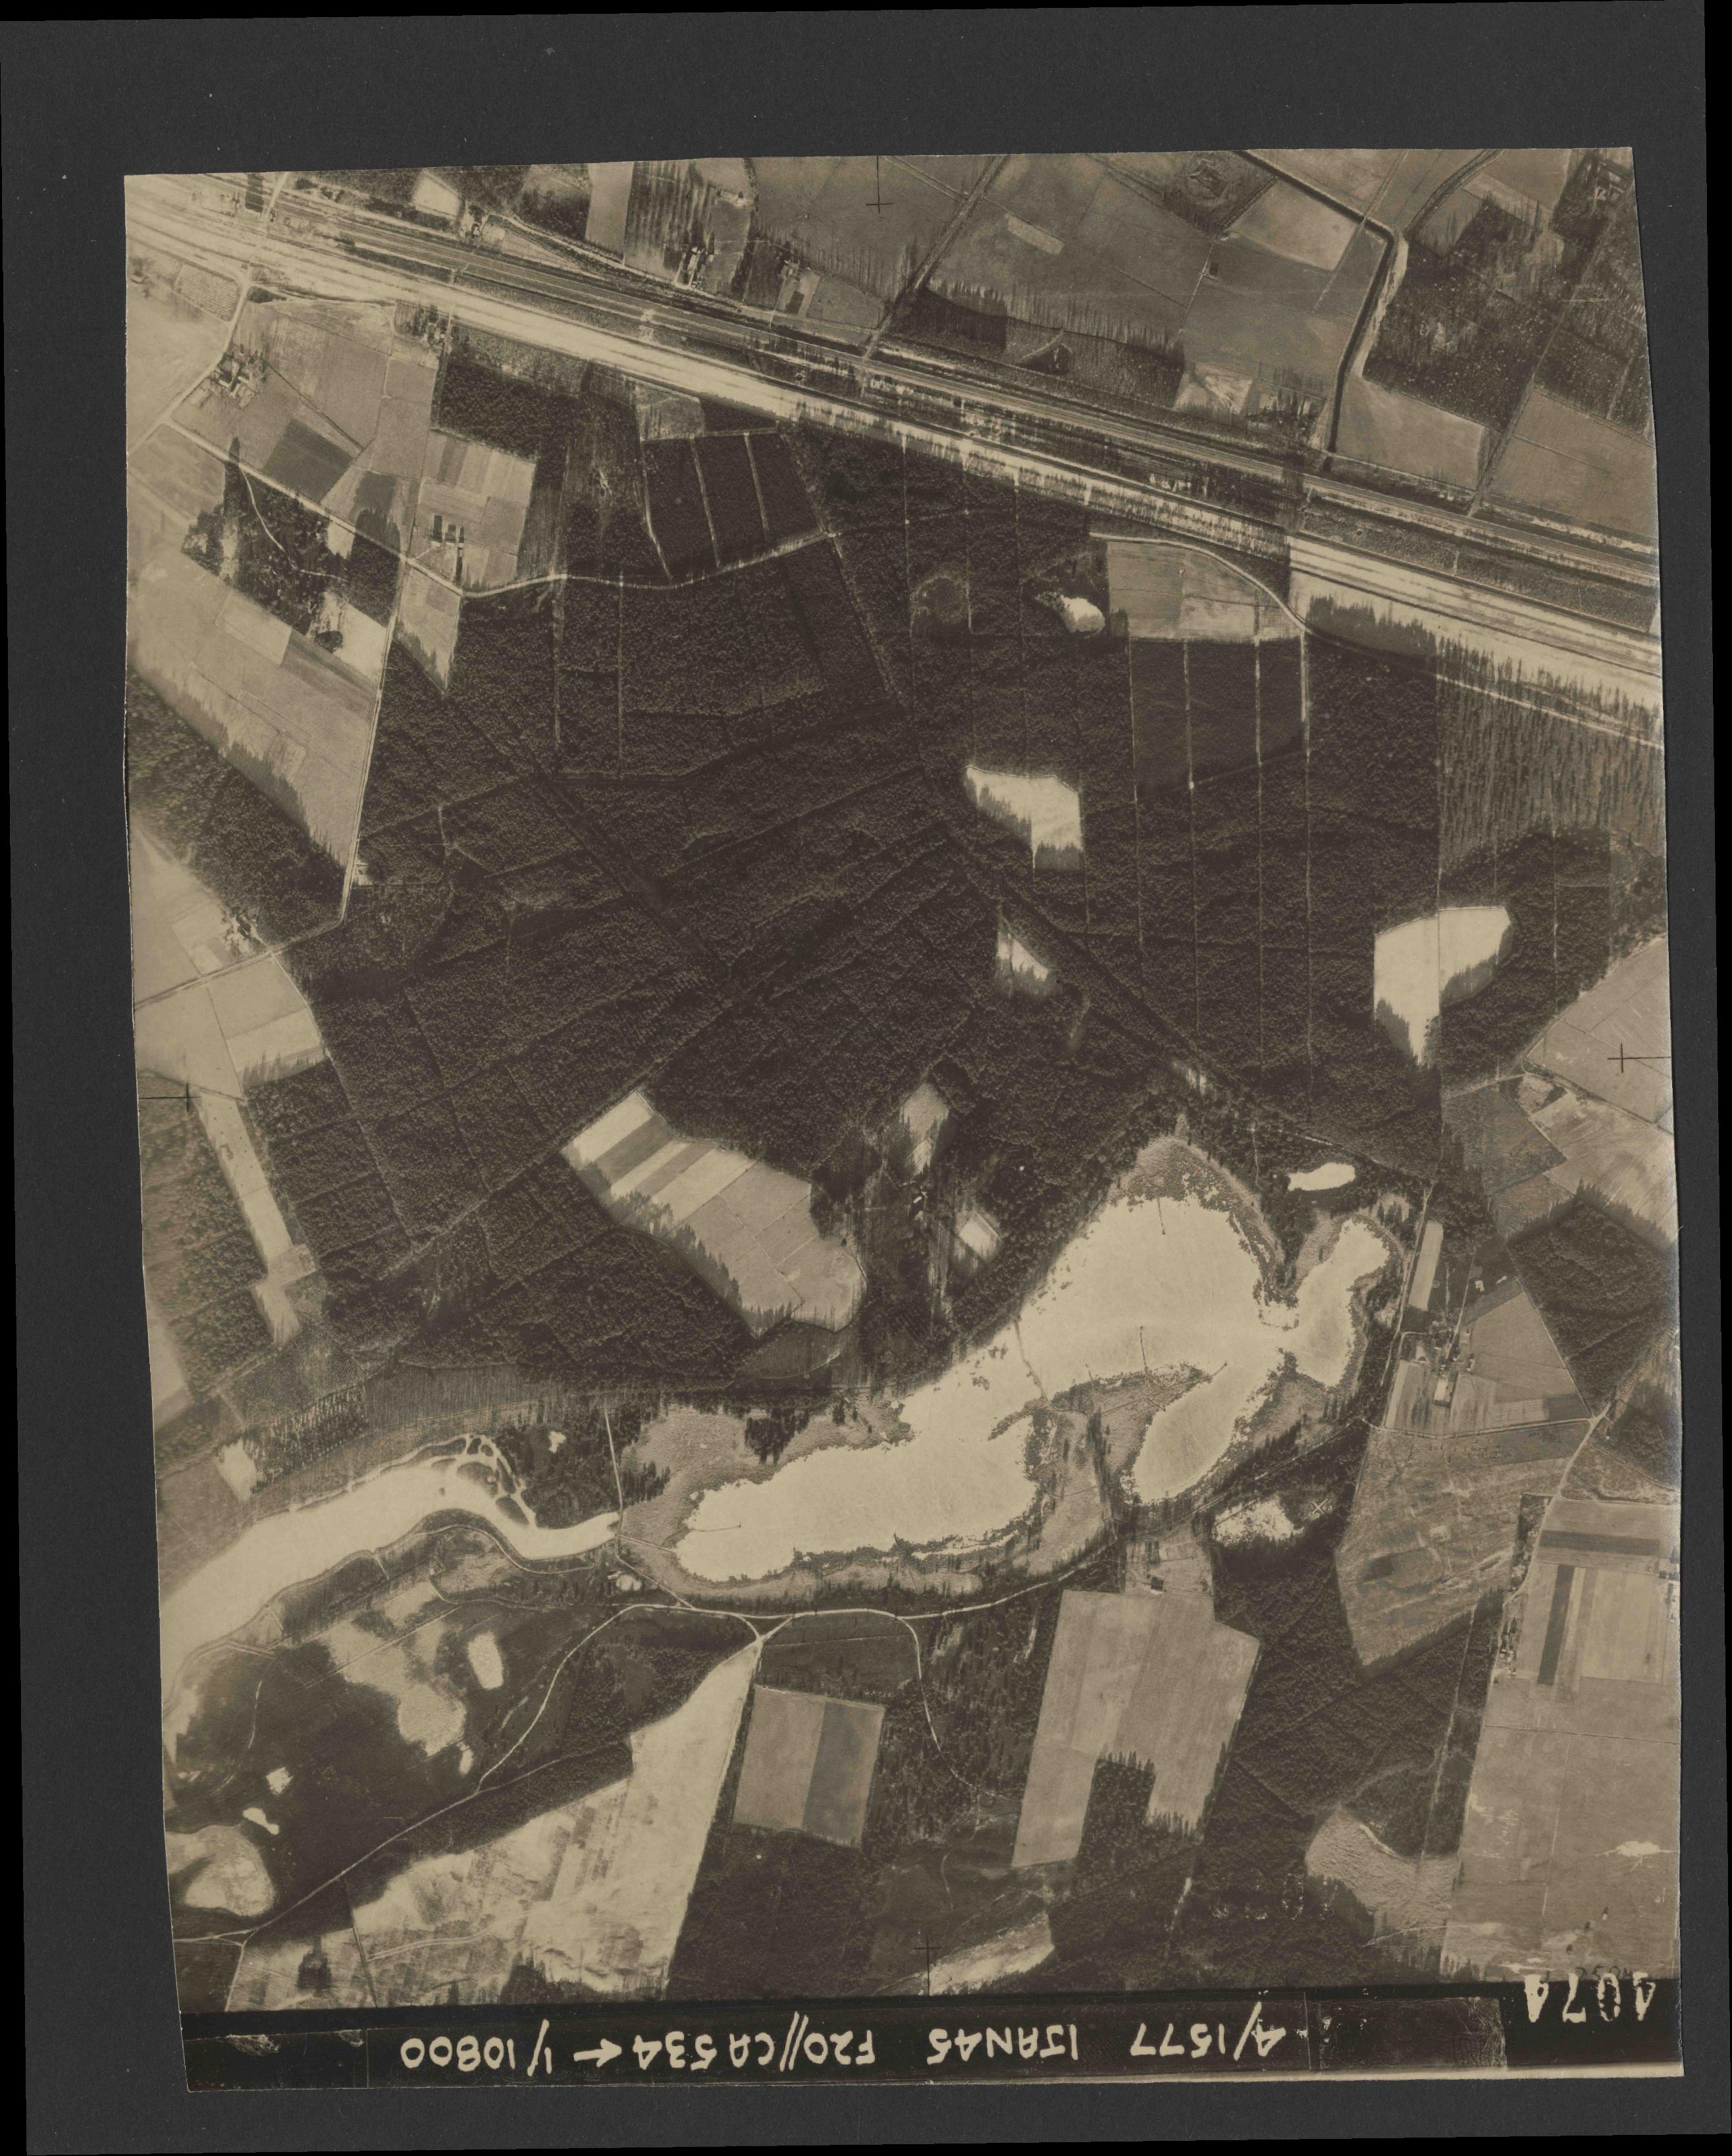 Collection RAF aerial photos 1940-1945 - flight 105, run 06, photo 4074